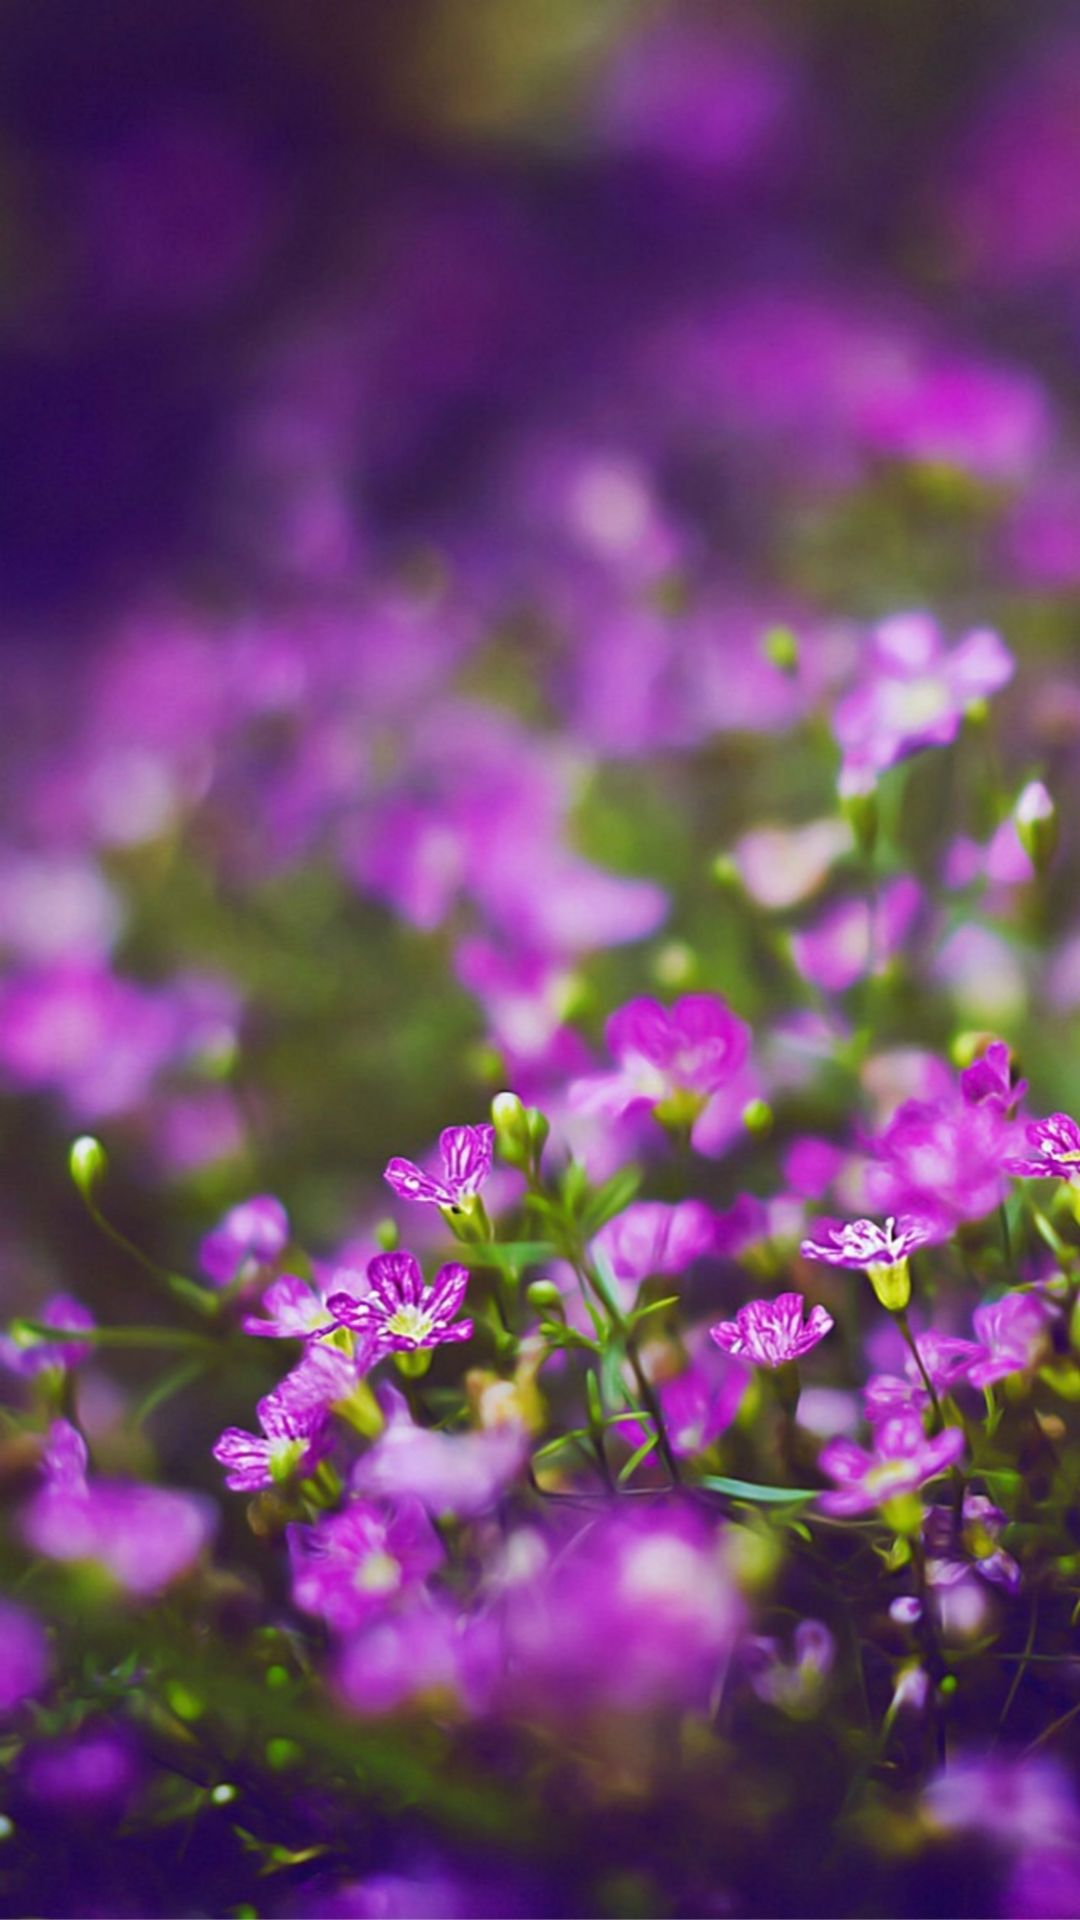 Beautiful Purple Flower Field Blur Bokeh iPhone 6